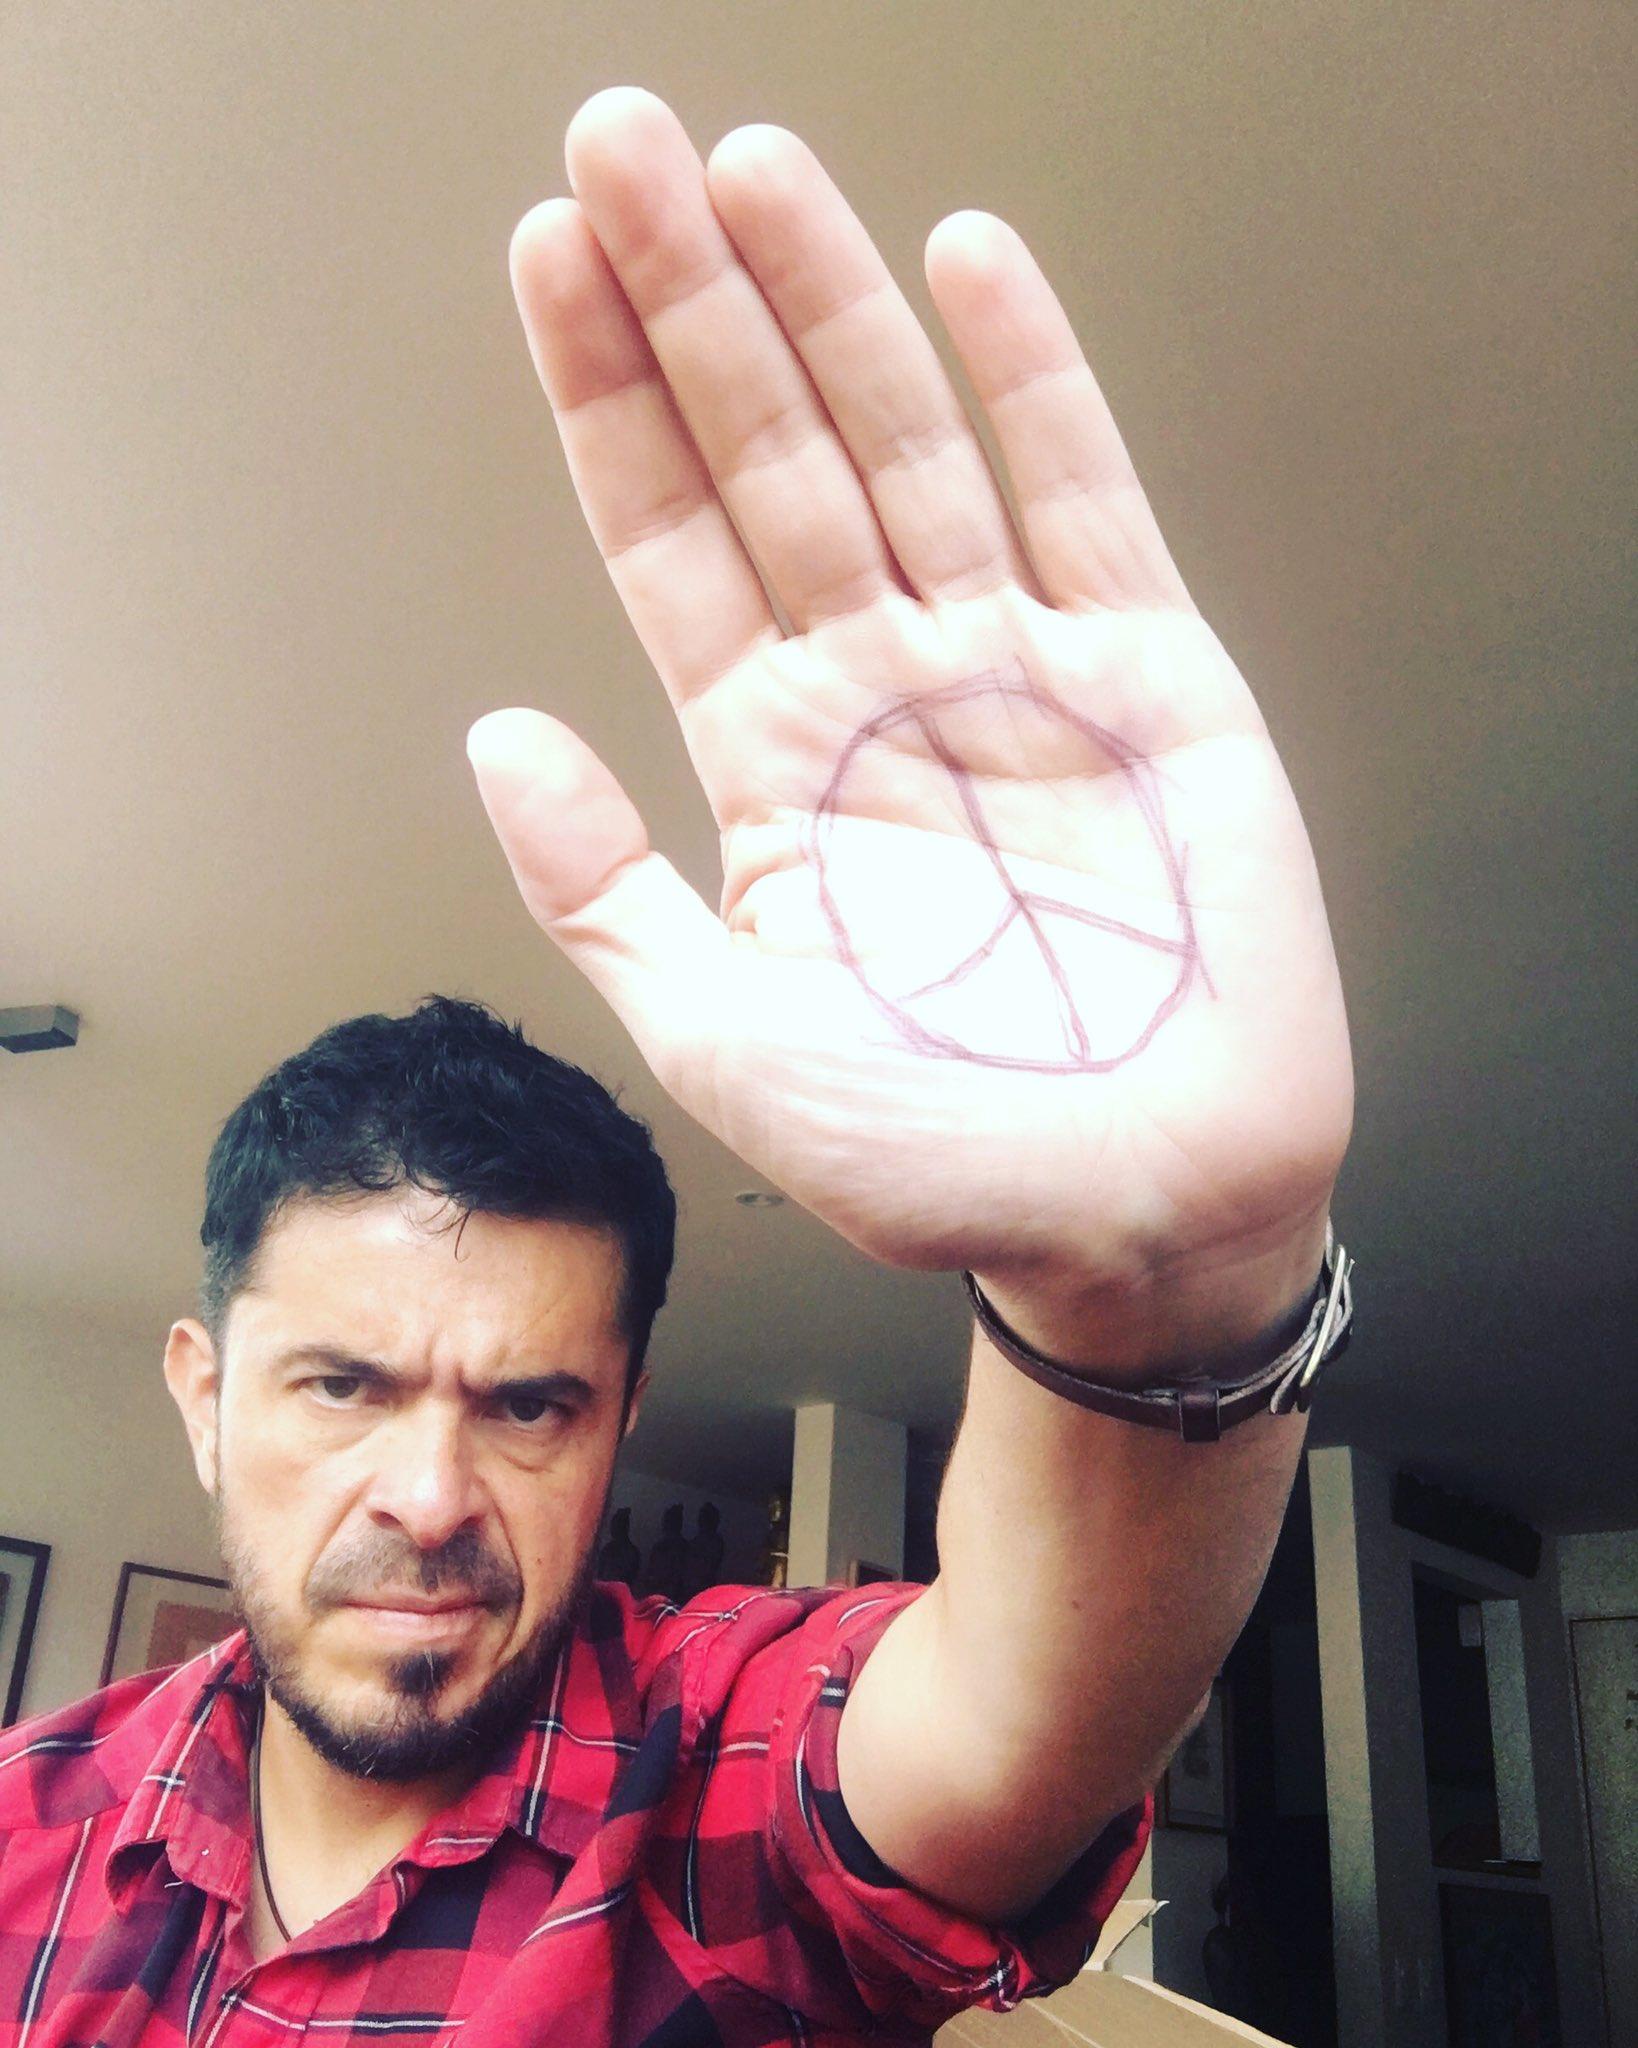 Hoy empezamos a cambiar nuestra historia, y la escribimos con democracia, no con sangre... #Peace4Colombia https://t.co/Ye0NGBKRLl